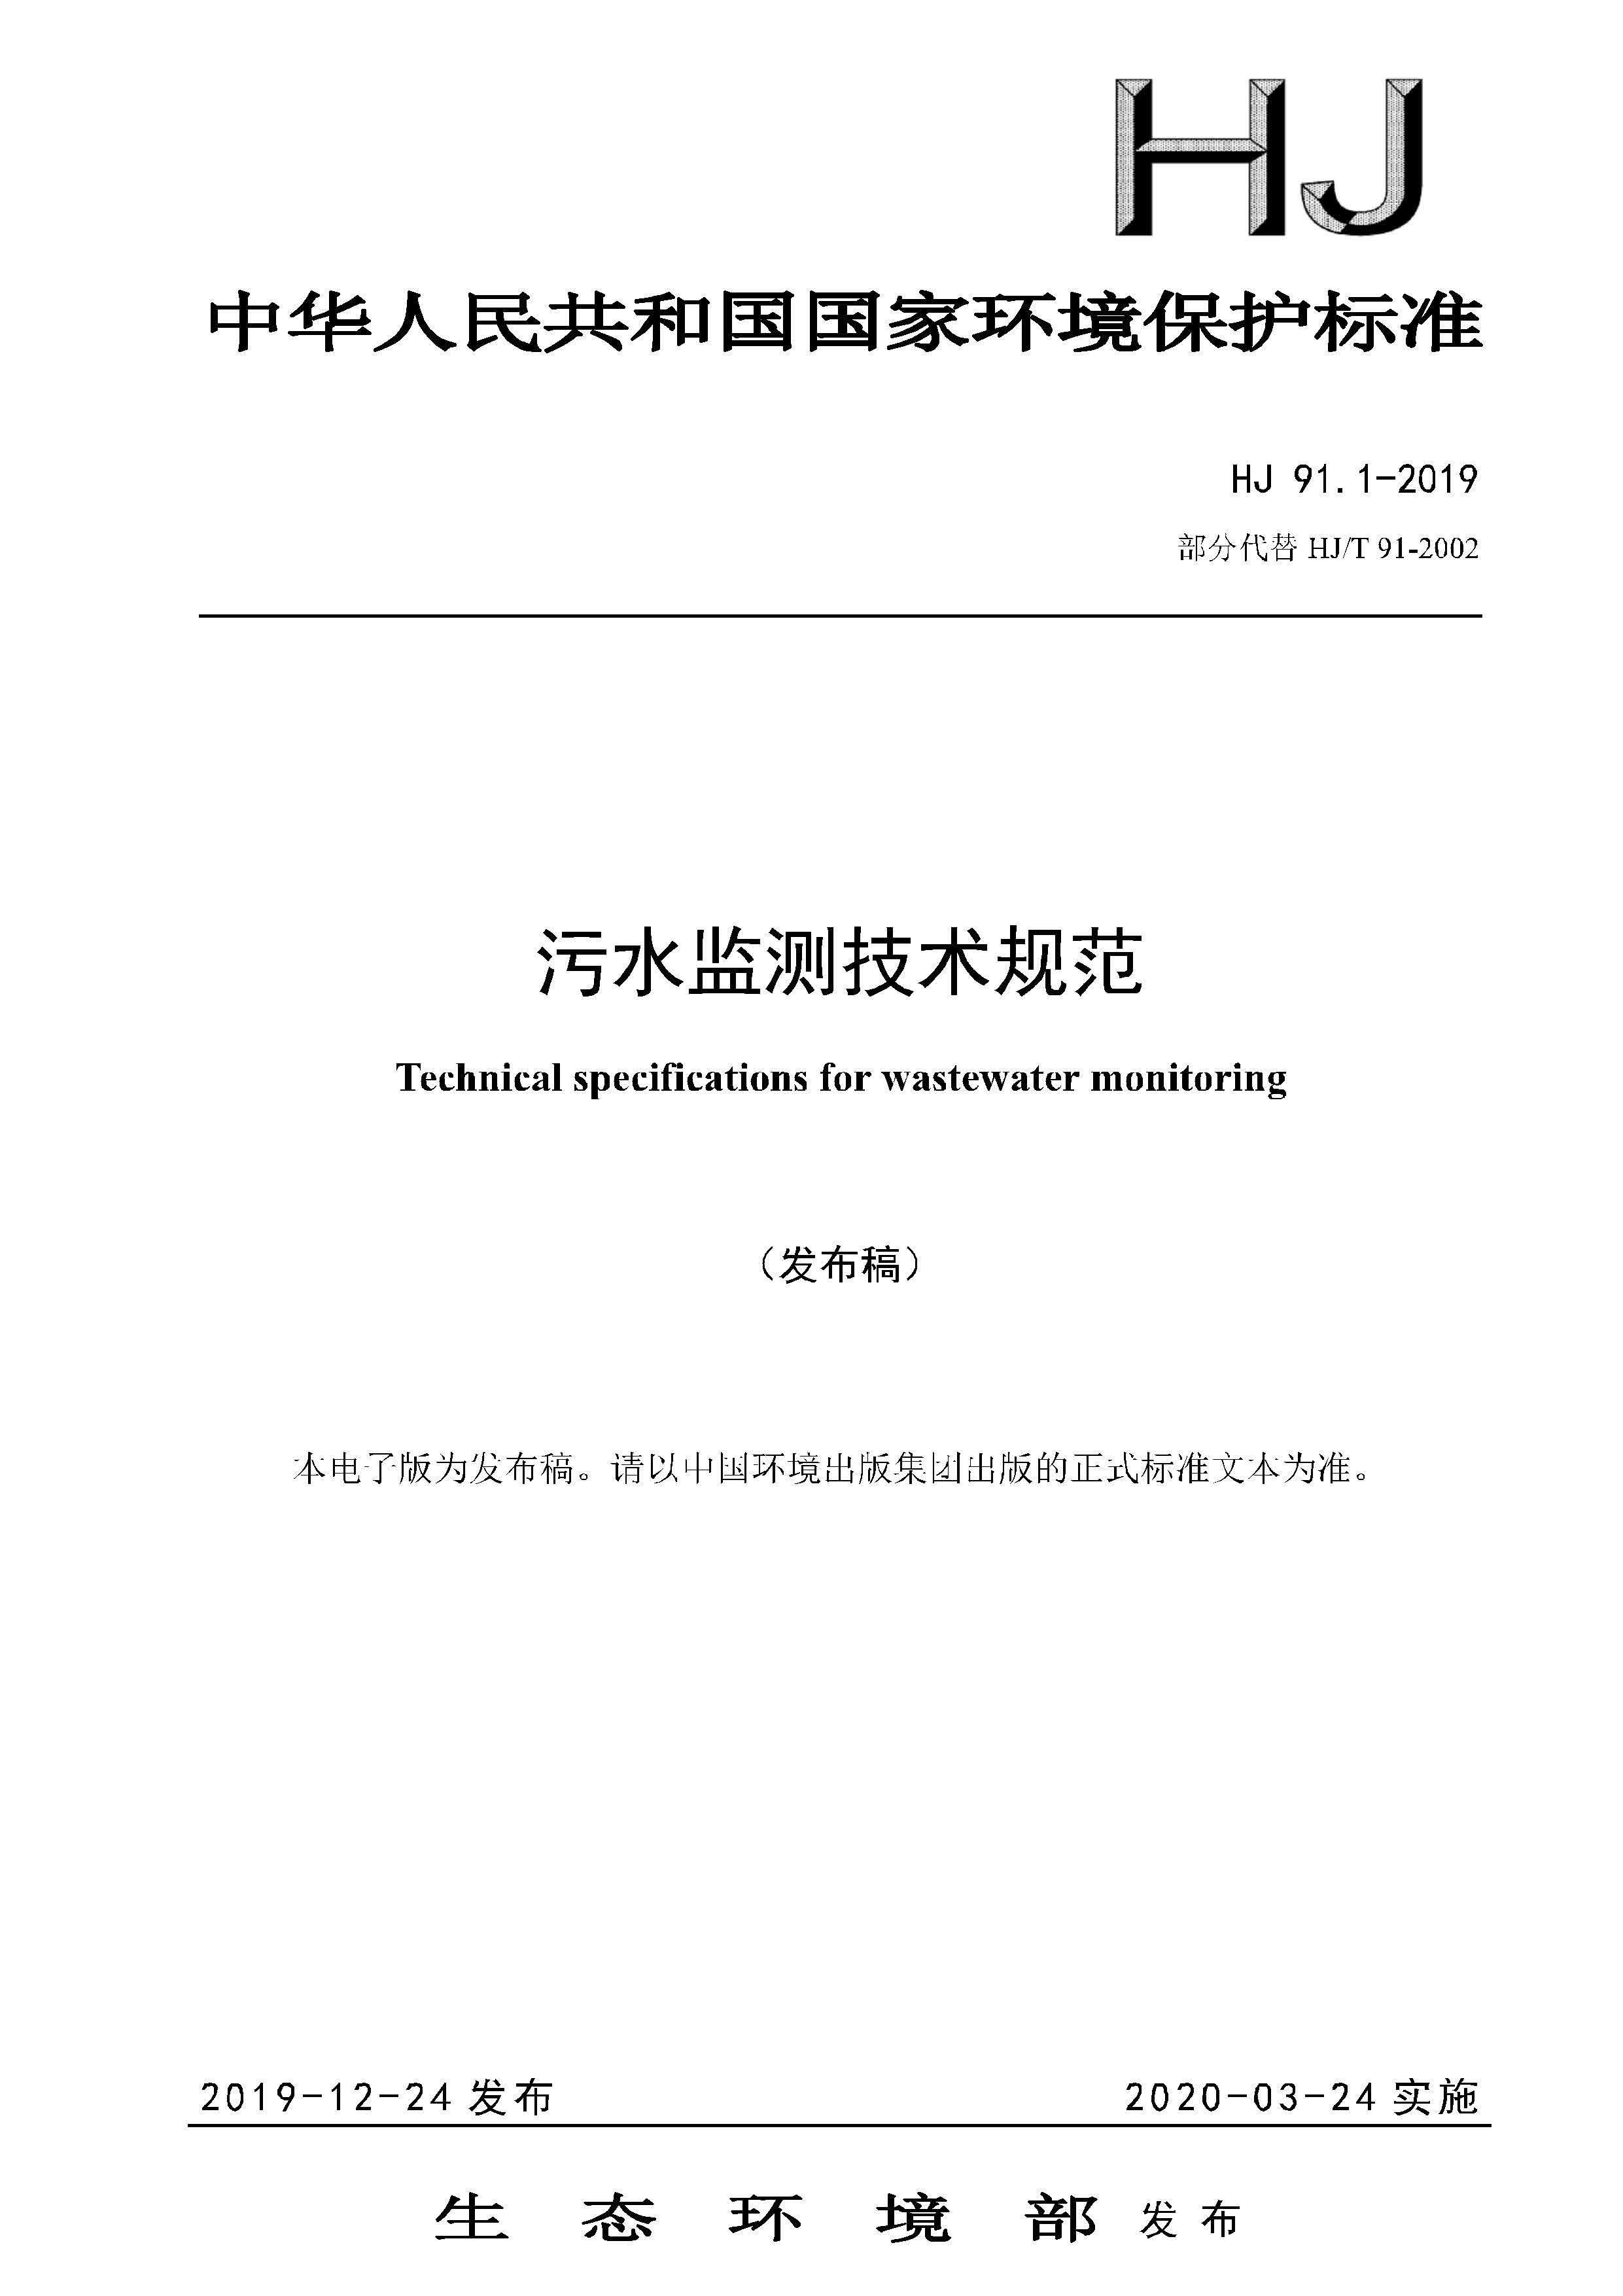 HJ 91.1-2019 污水监测技术规范 部分代替 HJ_T 91-200 可下载